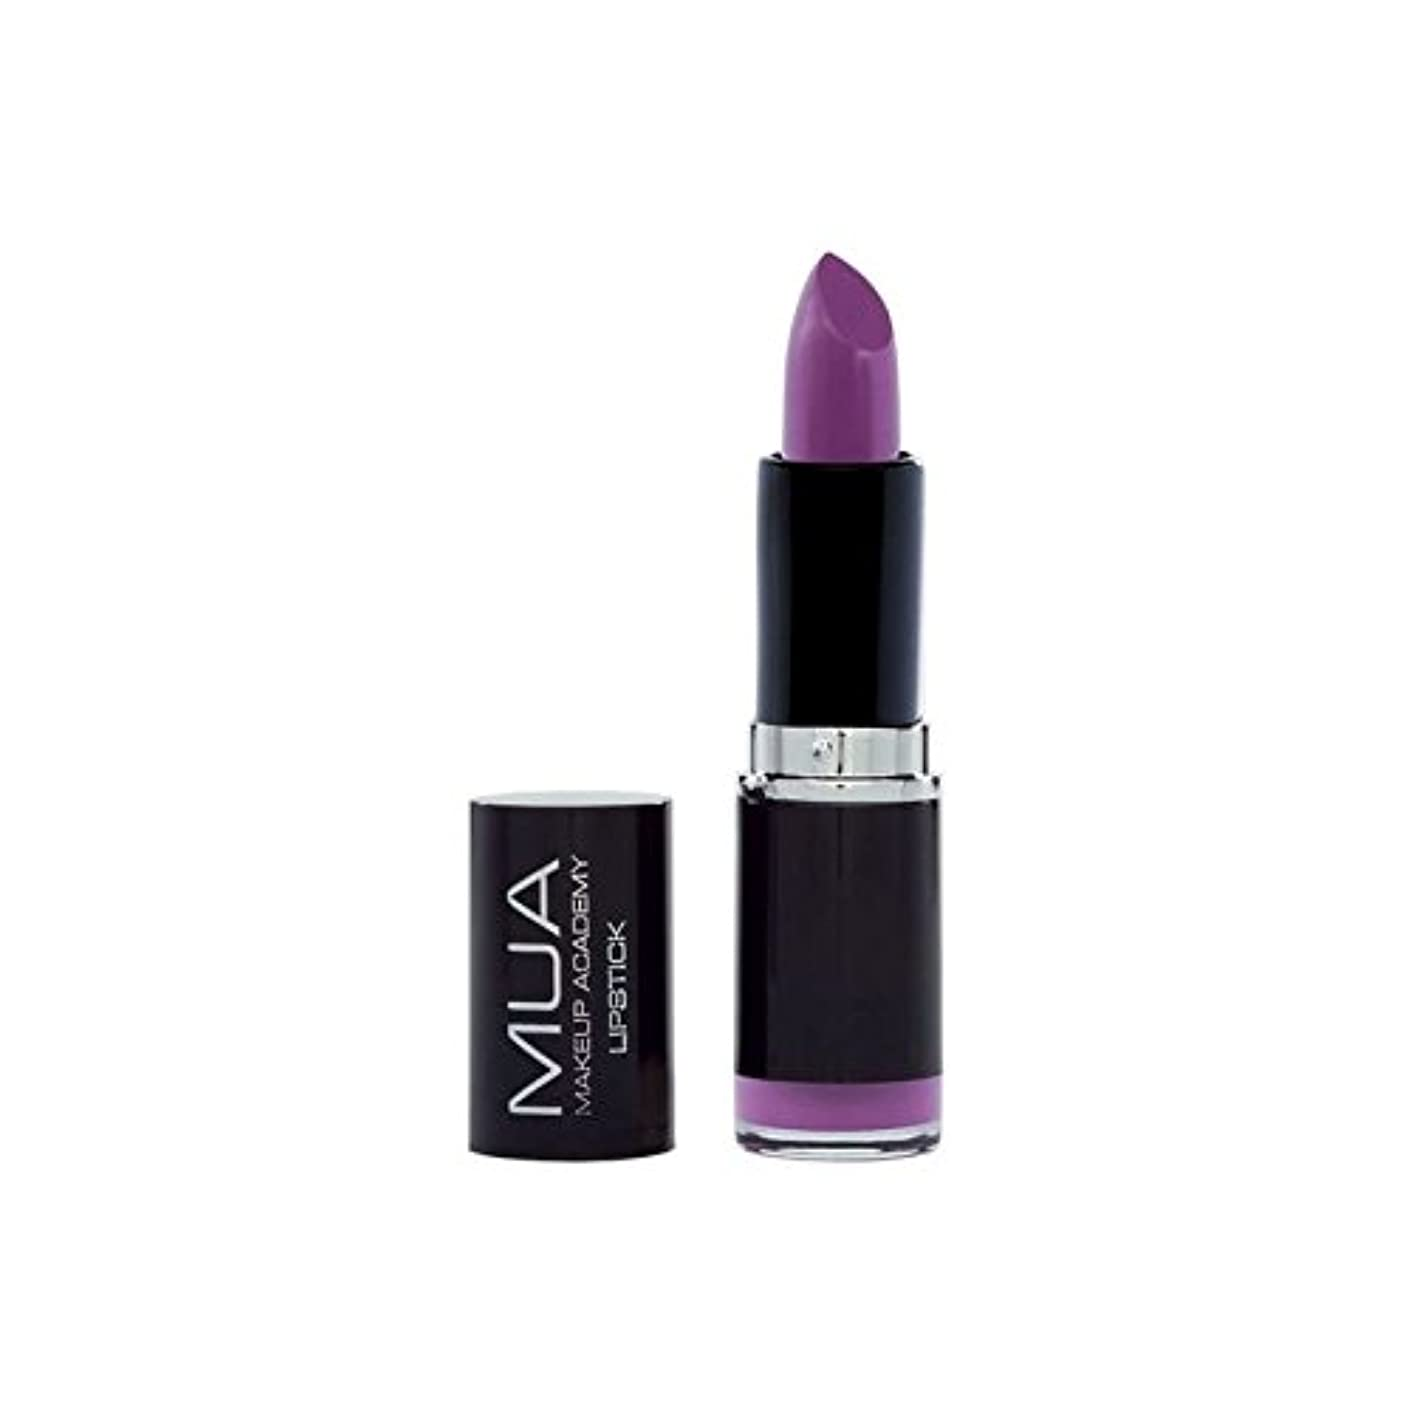 取るに足らないジャケット展望台の口紅 - 桑 x2 - MUA Lipstick - Mulberry (Pack of 2) [並行輸入品]